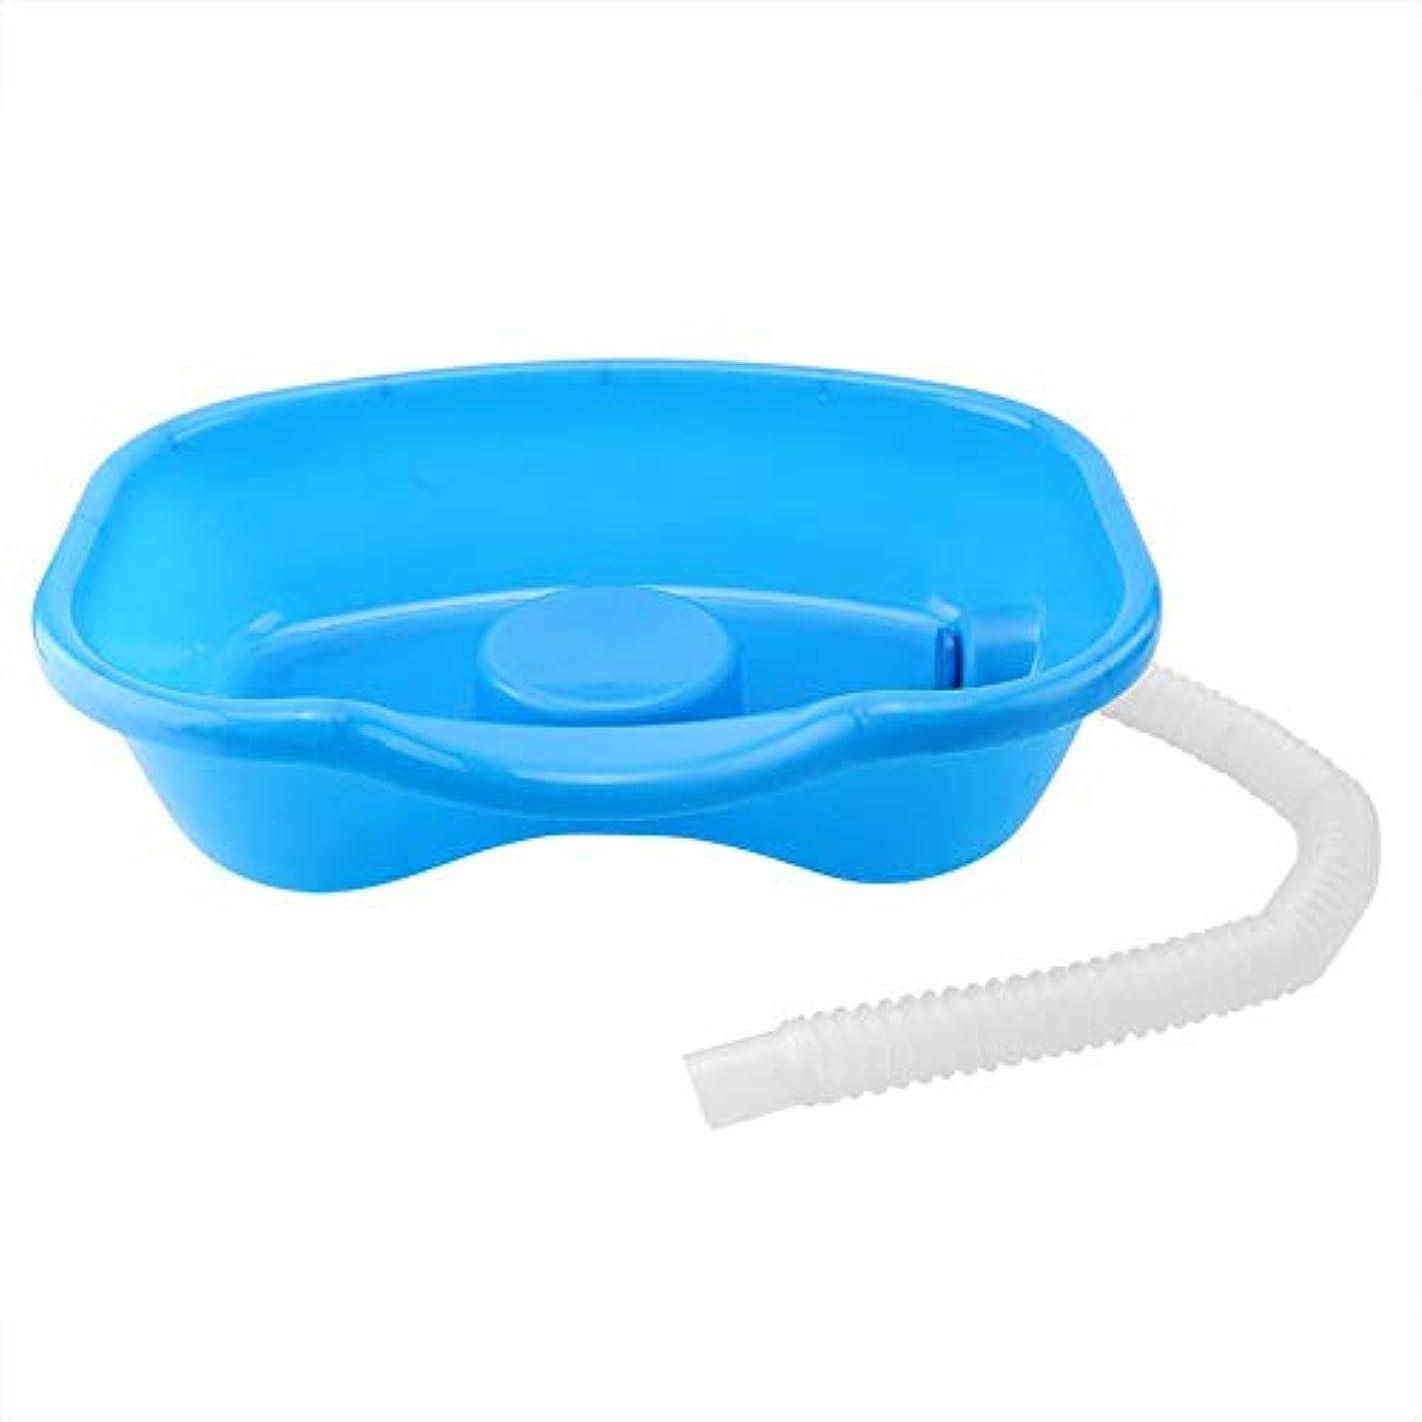 温度計ダムペレットシャンプー洗面器、医療用洗面器無効シャンプー洗面器厚いベッド髪を洗うトレイプラスチック障害者、障害者、高齢者、寝たきりの人に適しています